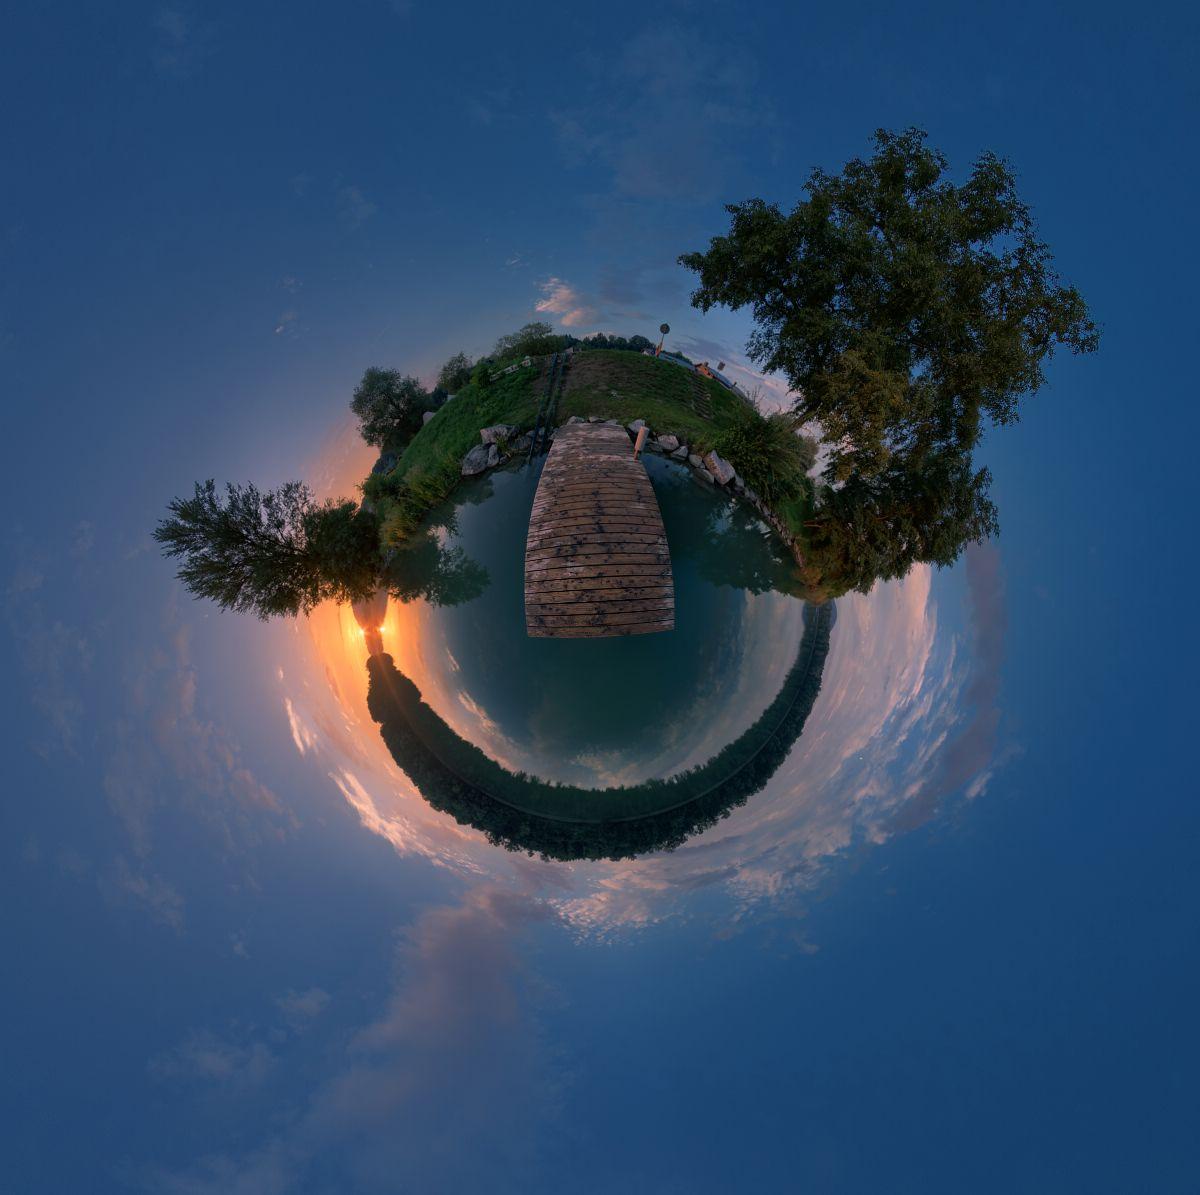 Little Planet Rhein bei Murg